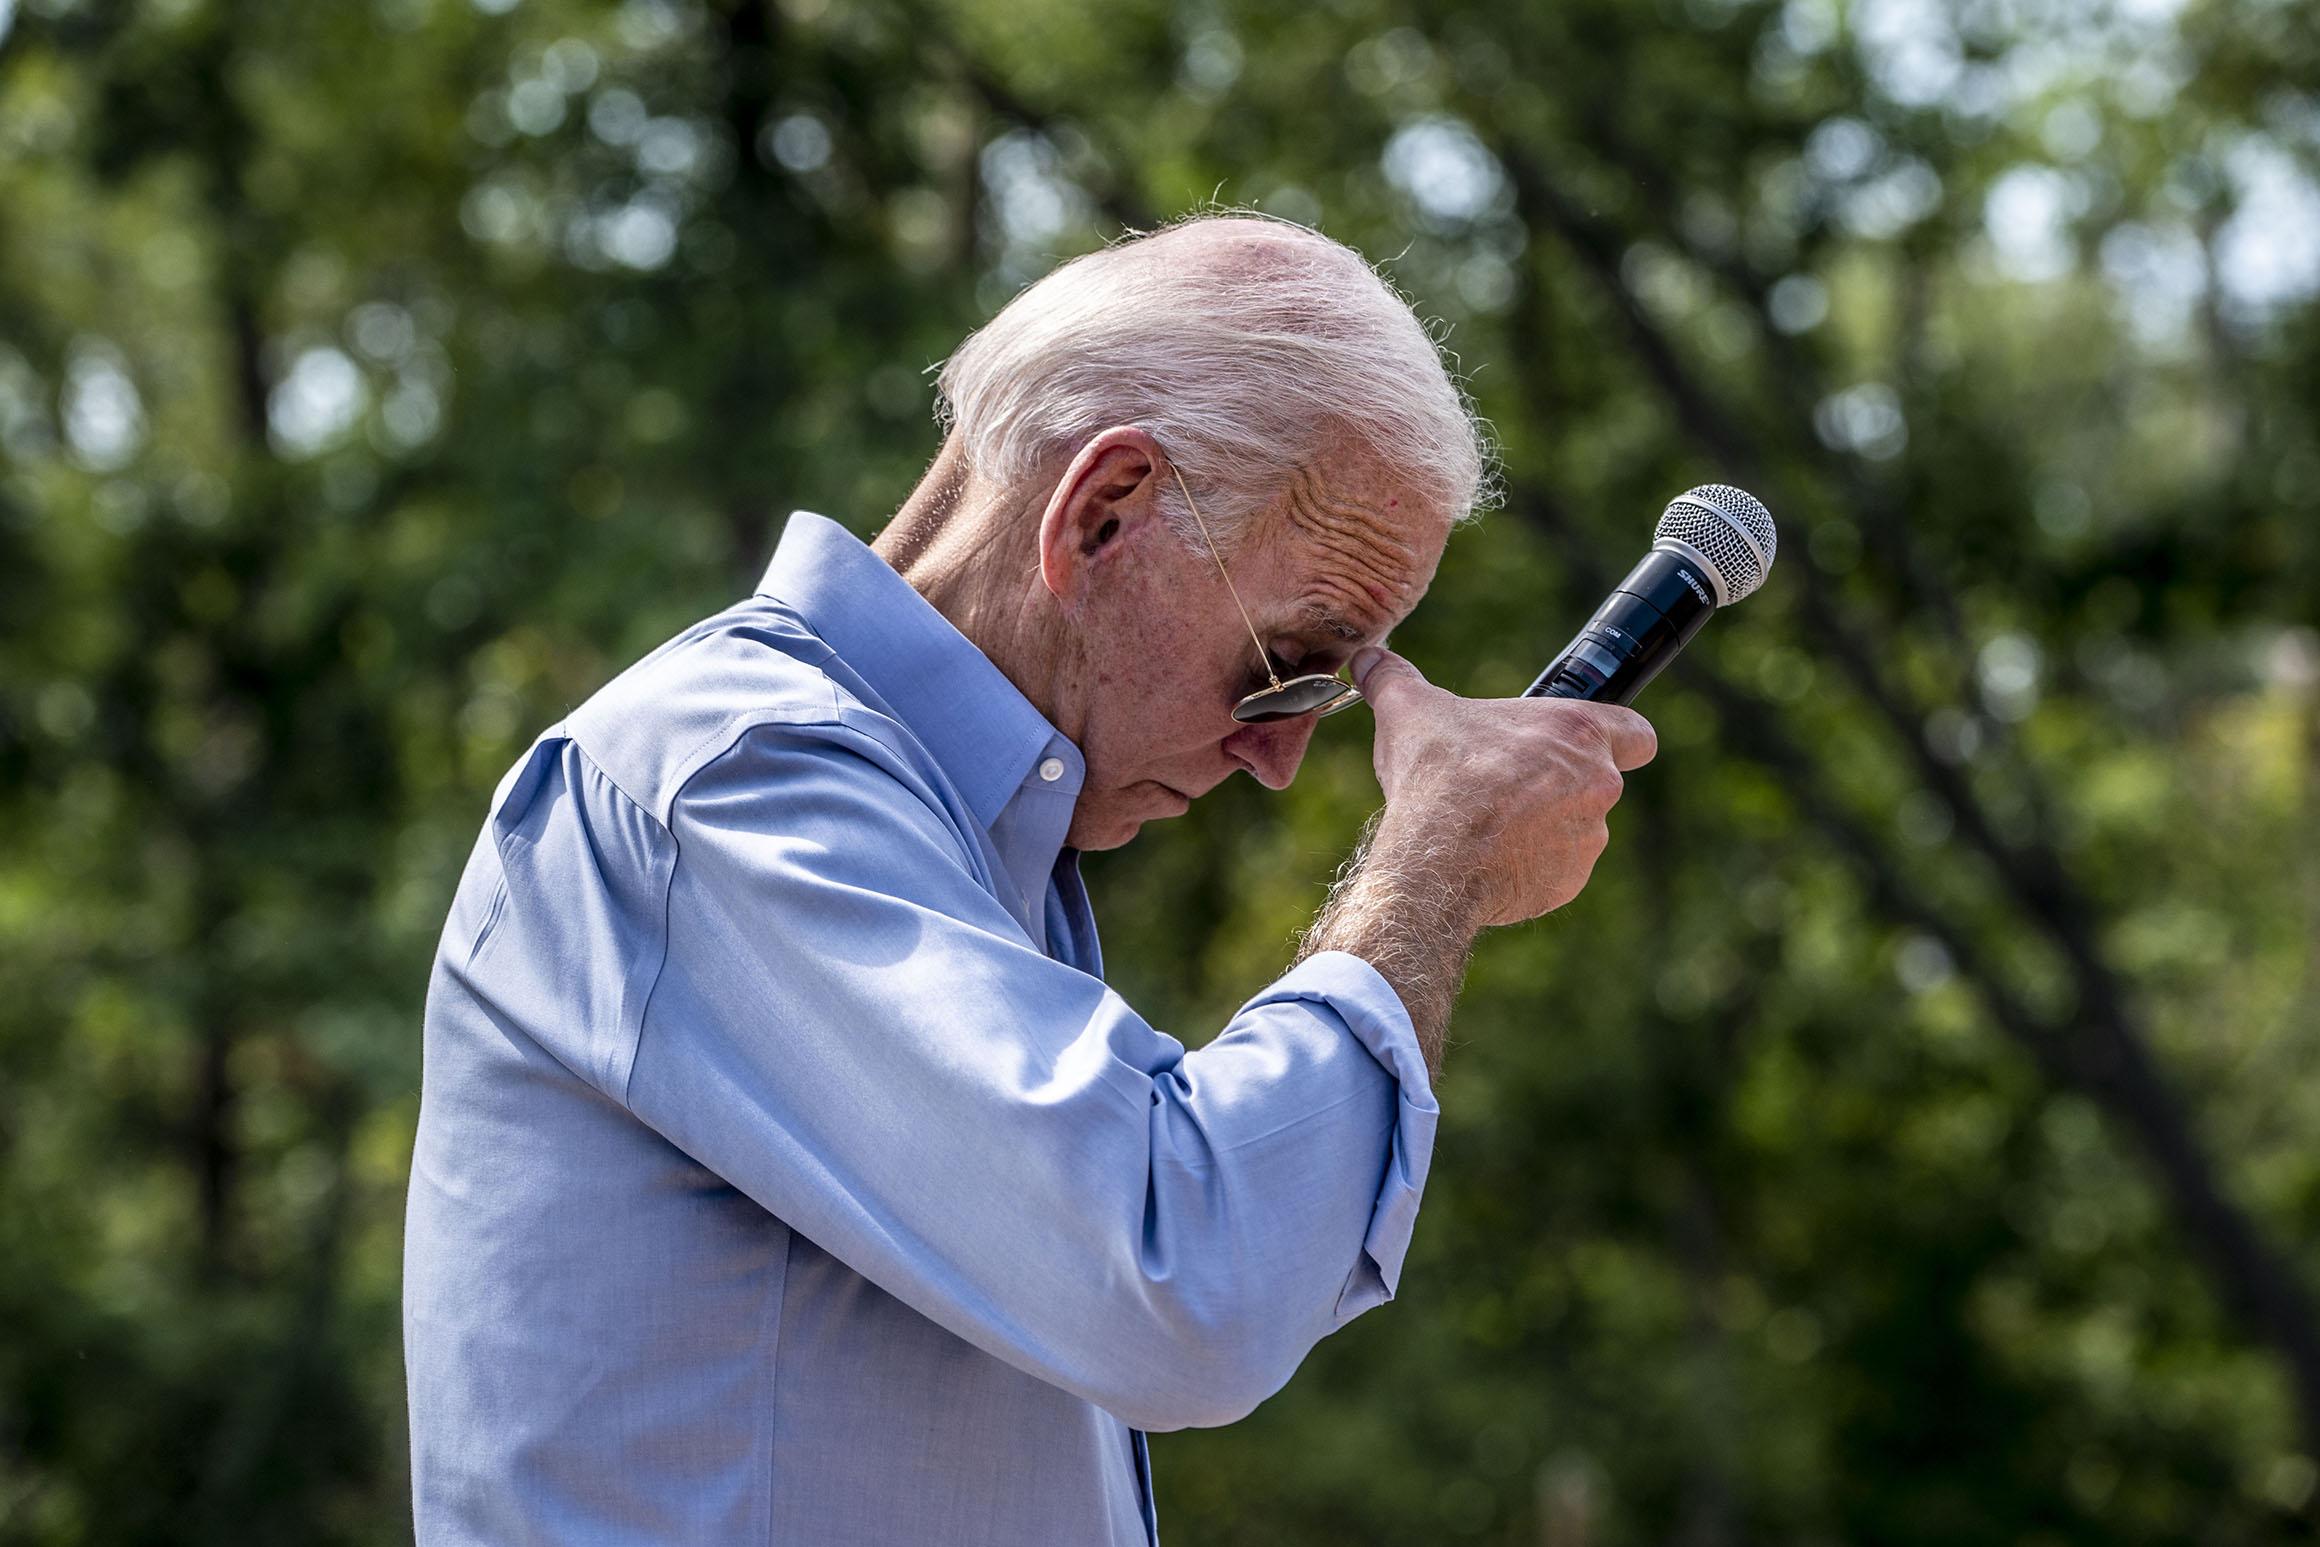 شبکه های خبری دولتی روسیه جو بایدن را «پیرمرد» و «خسته کننده» توصیف کرده و بانوی اول جدید ایالات متحده را «بی نمک» خطاب قرار داده اند.